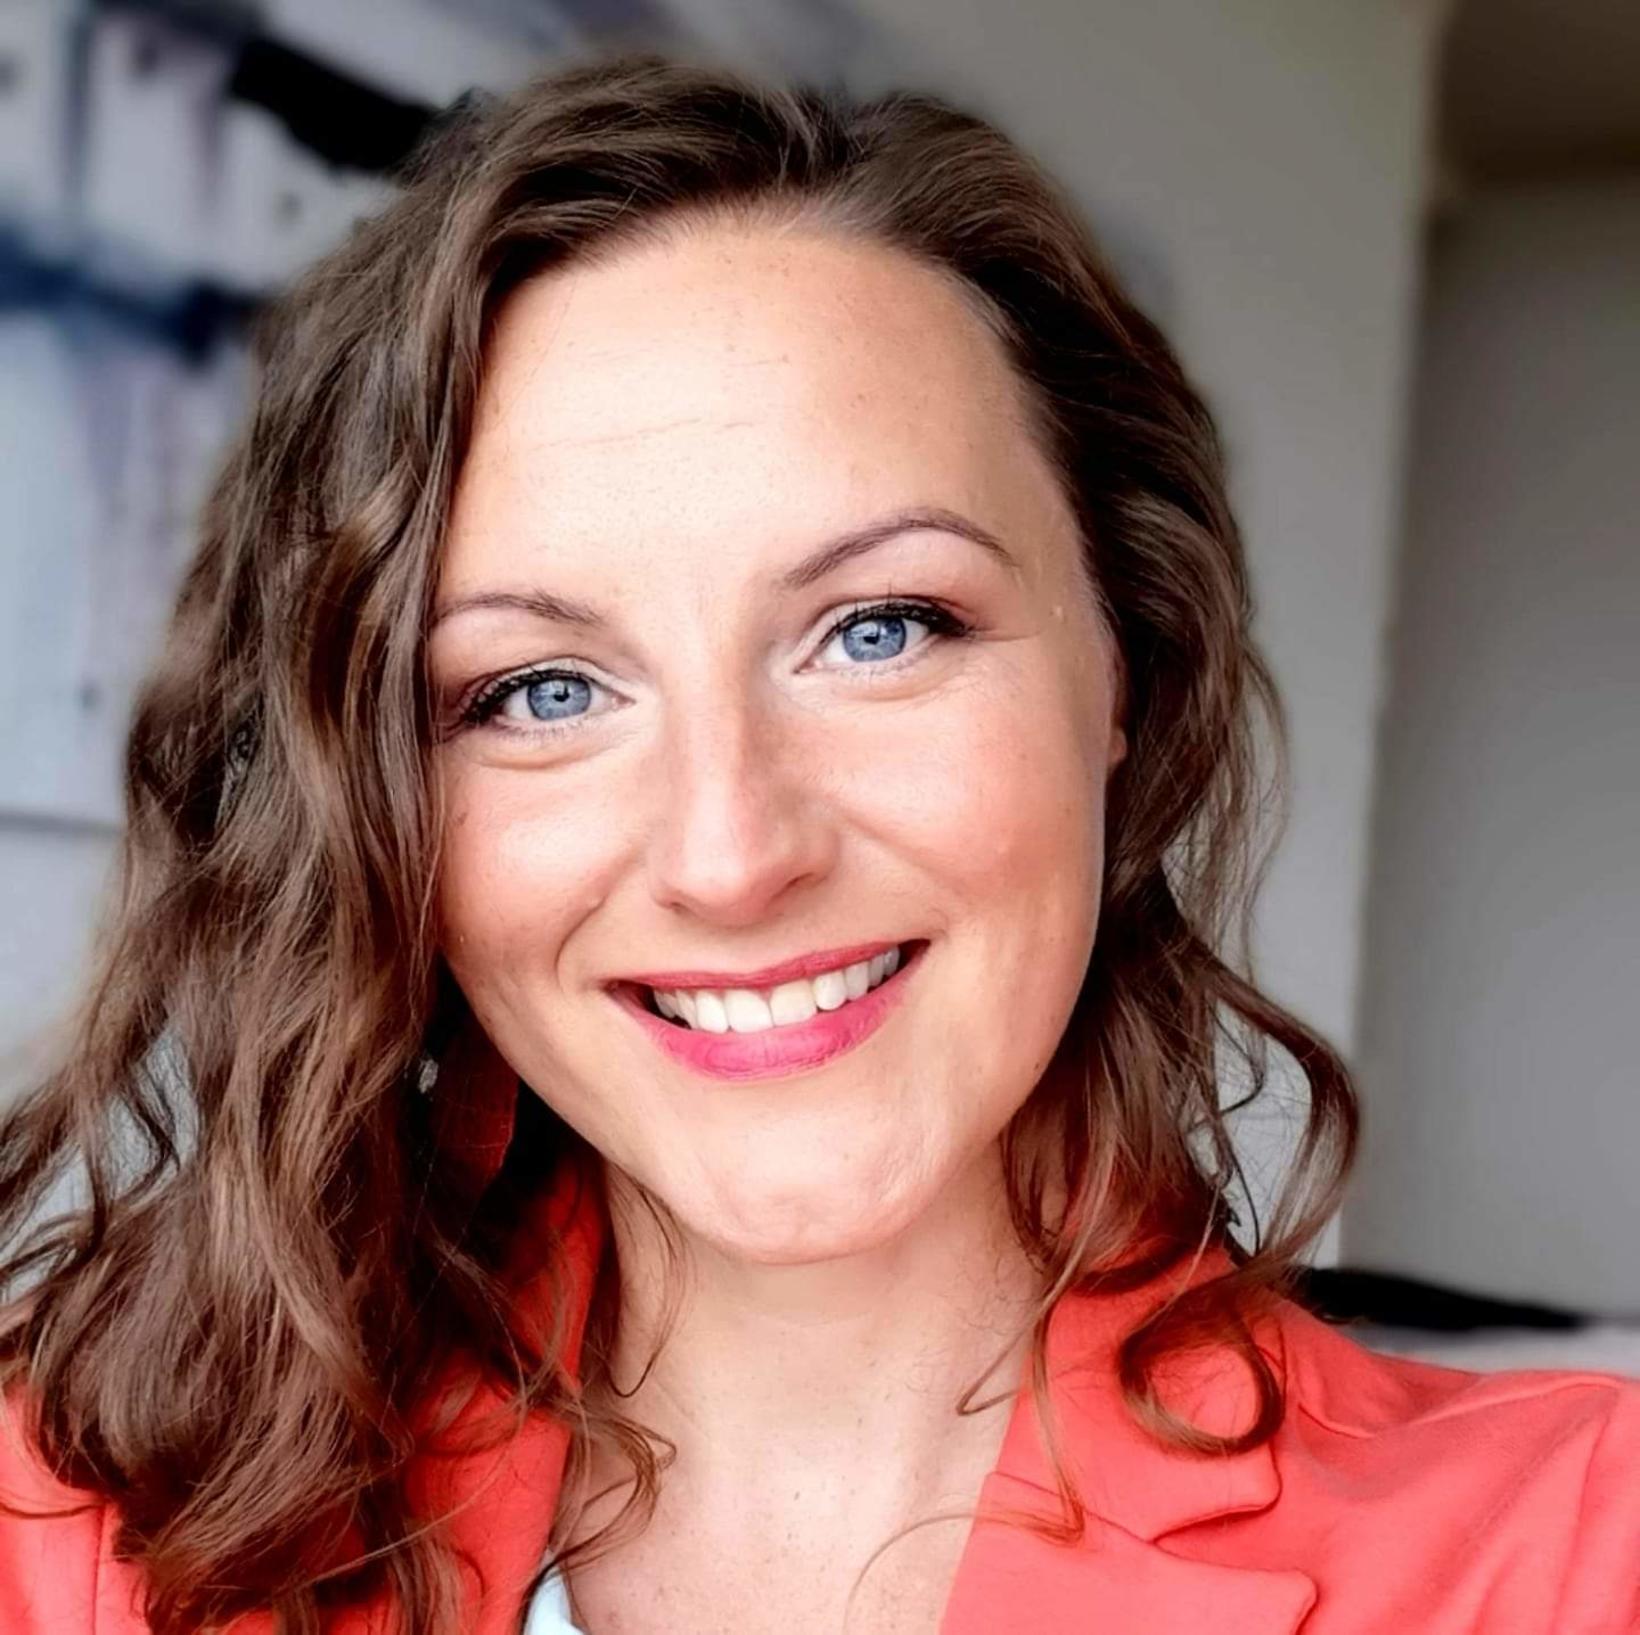 Hildur Sólveig Sigurðardóttir, bæjarfulltrúi Sjálfstæðisflokksins.